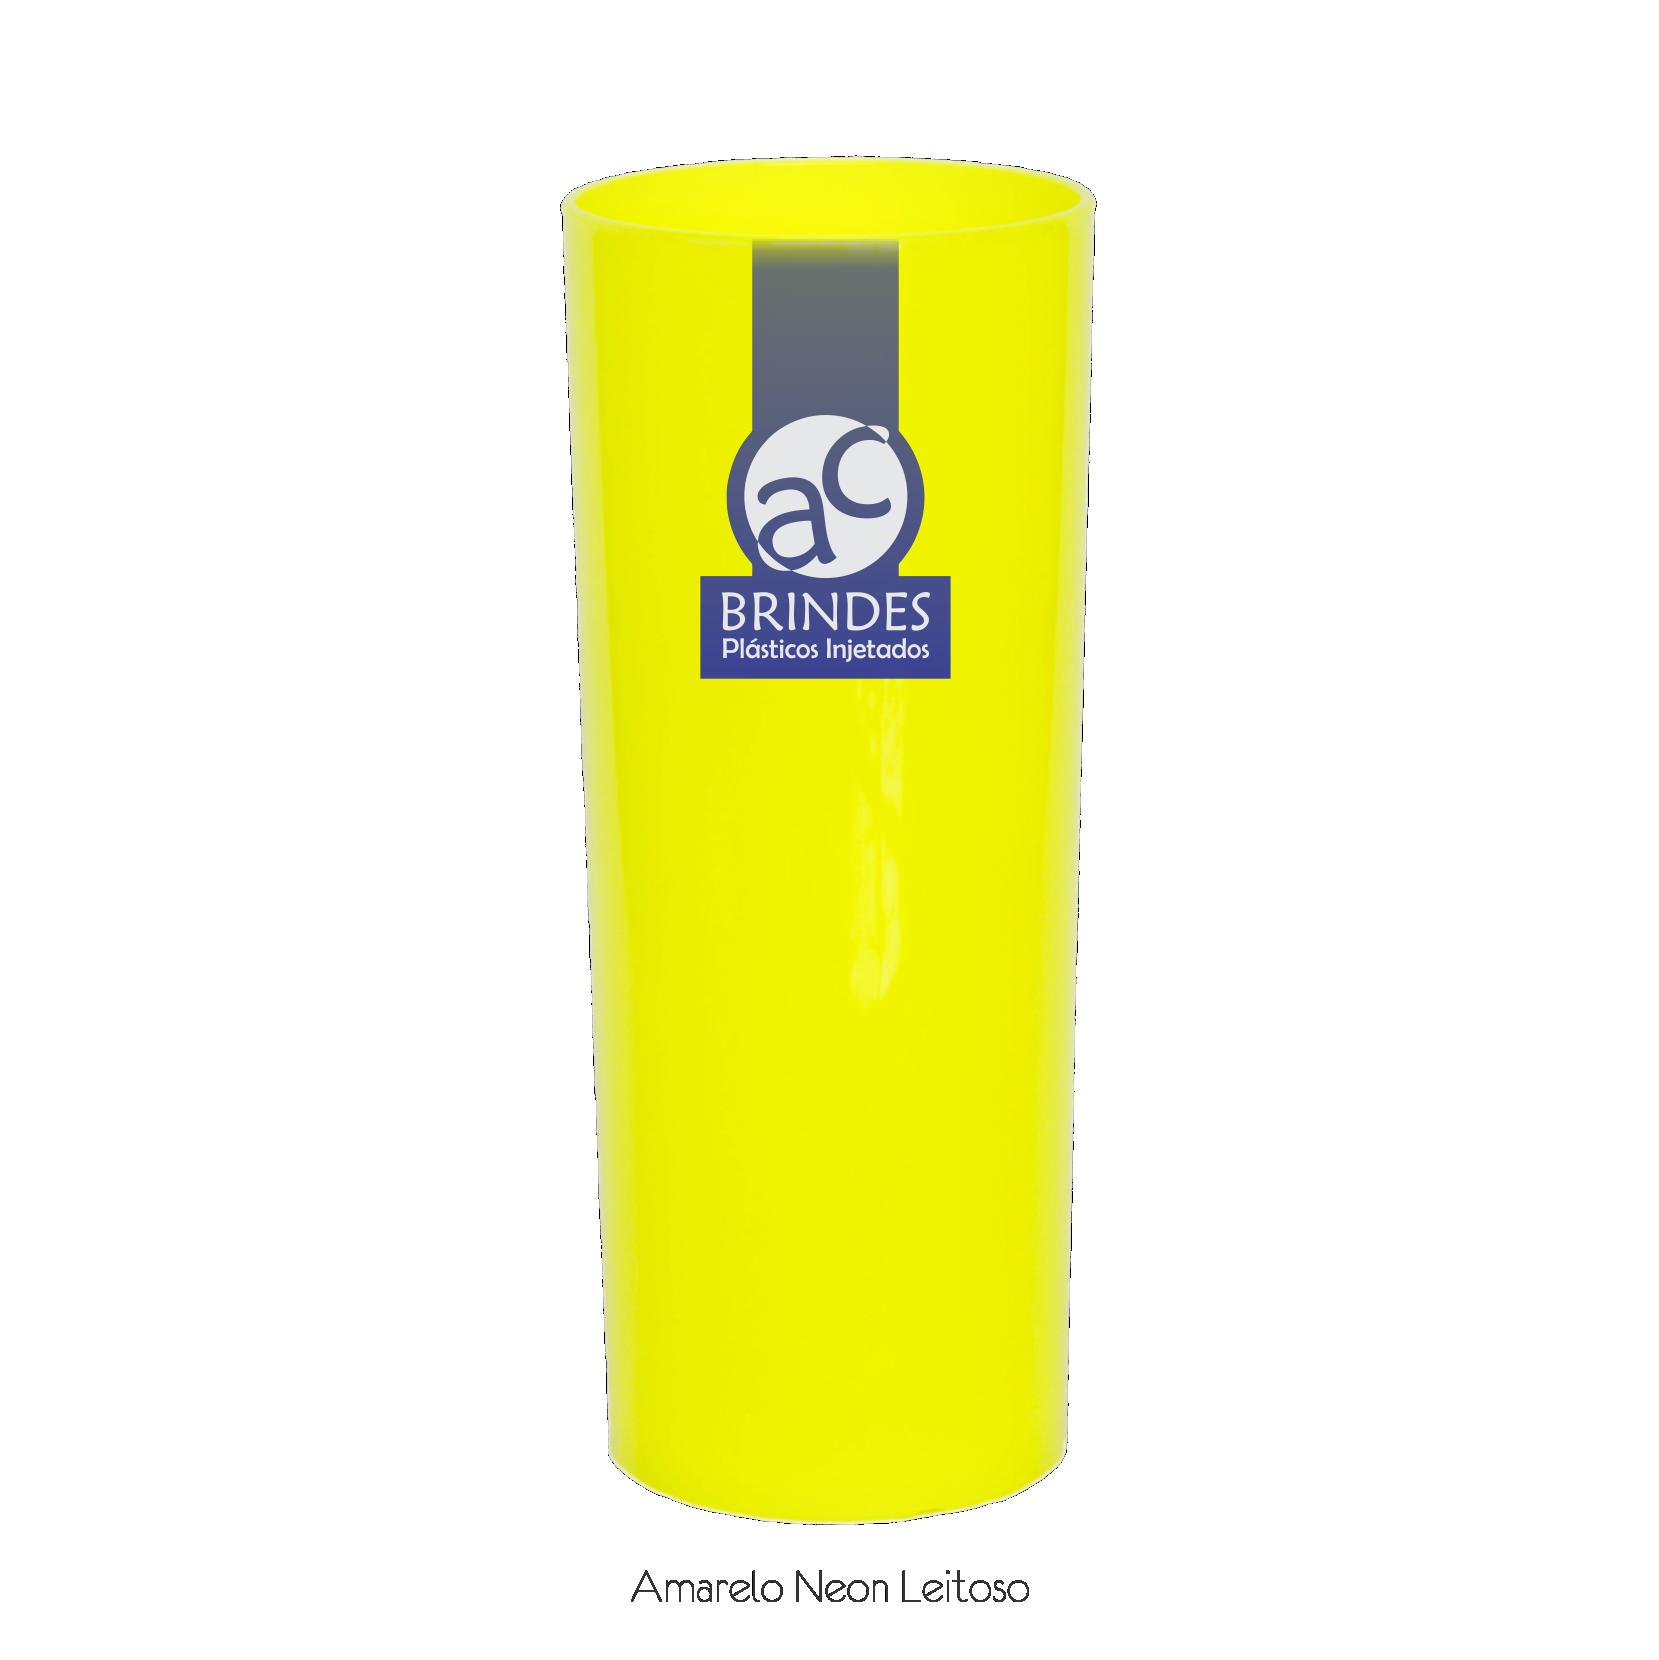 Amarelo Neon Leitoso